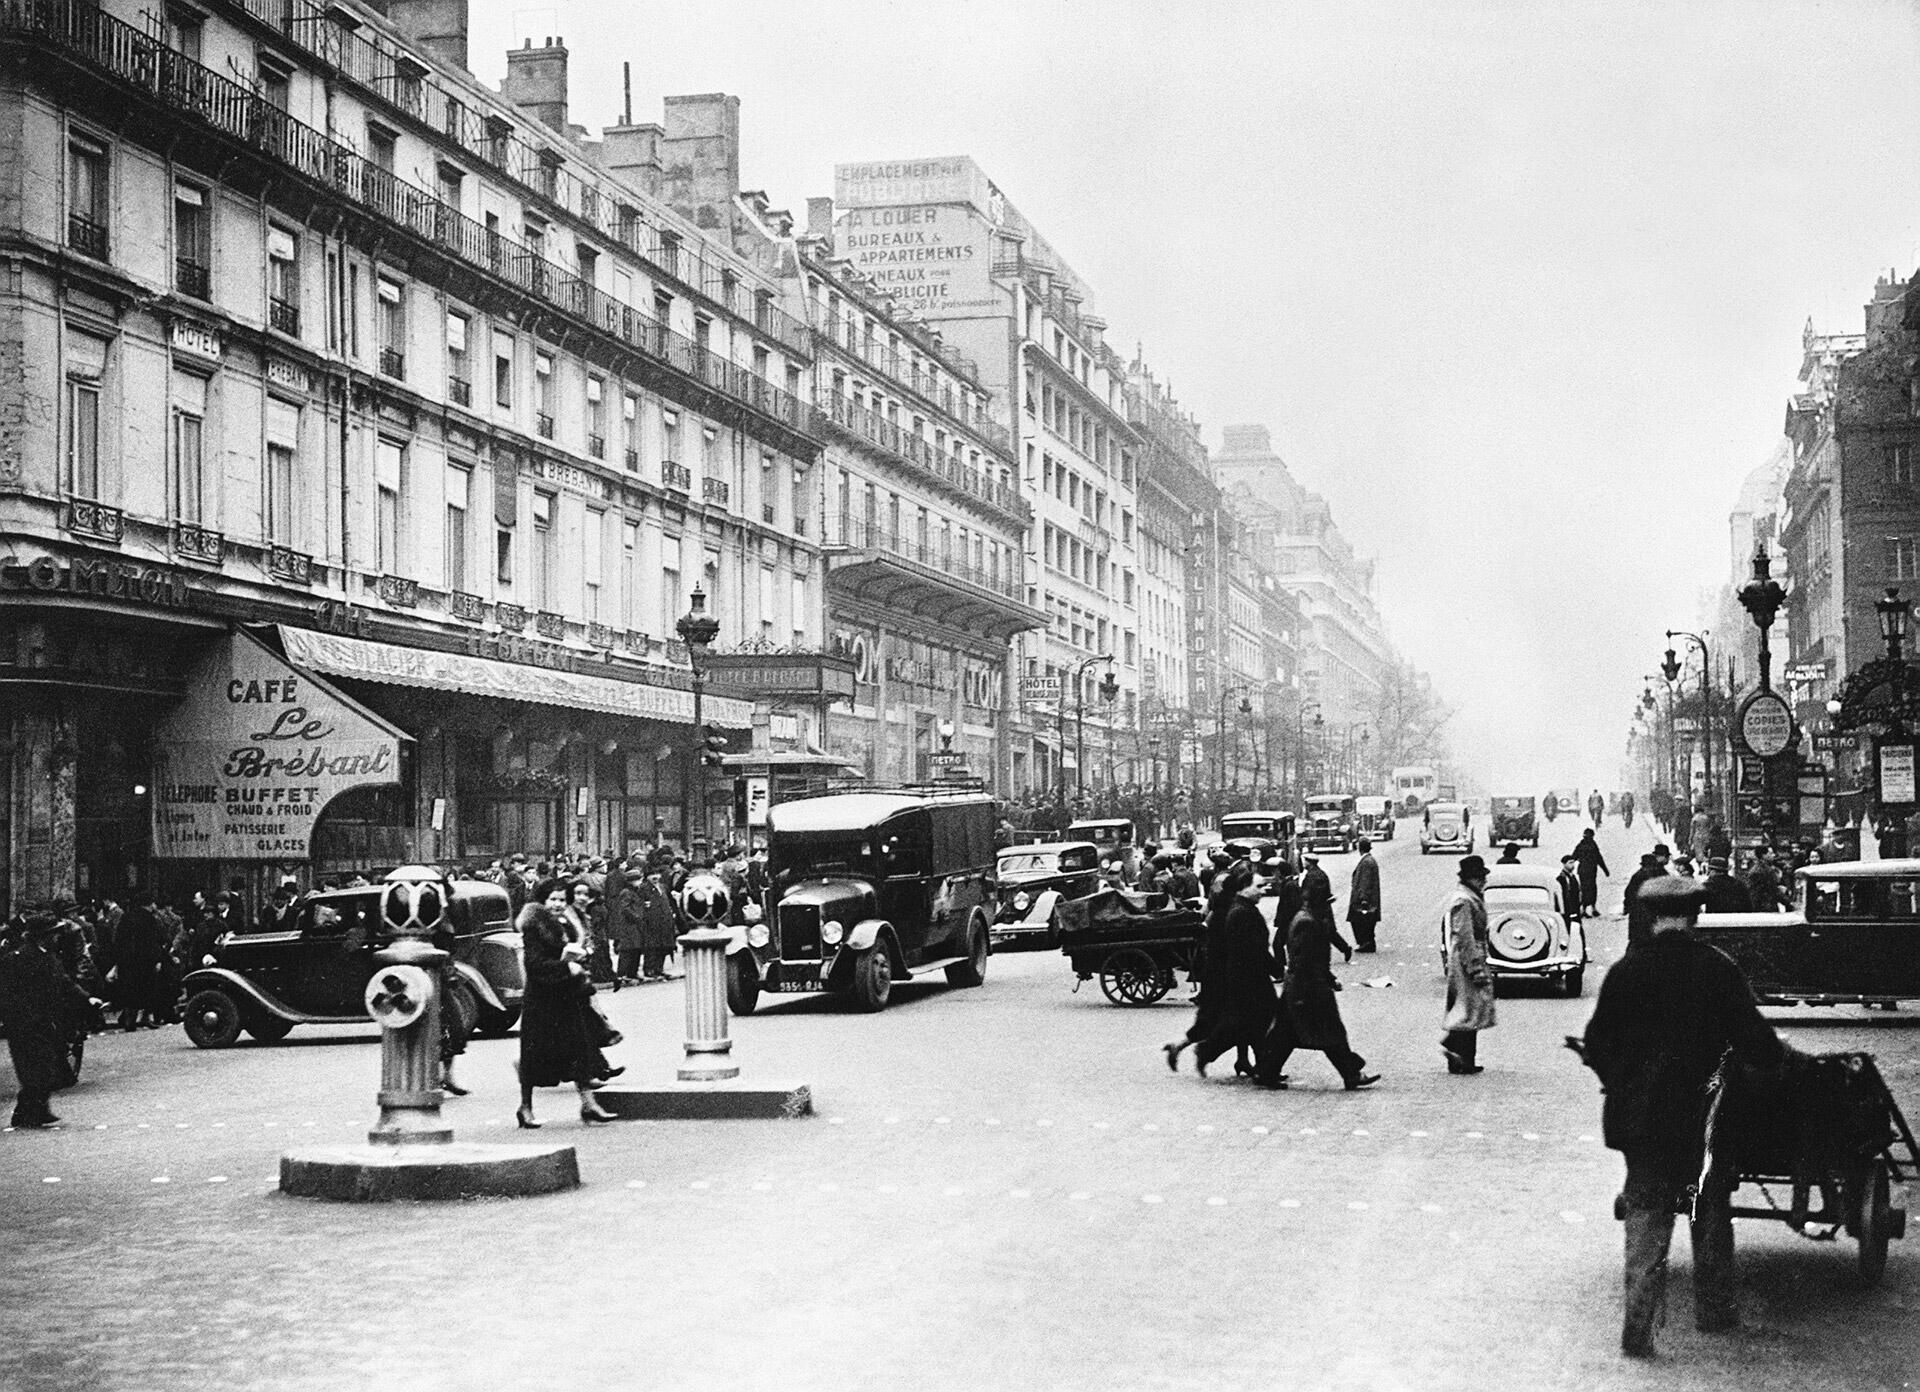 Photo du Boulevard Poissonnière à Paris, photographié en hiver dans les années 30.